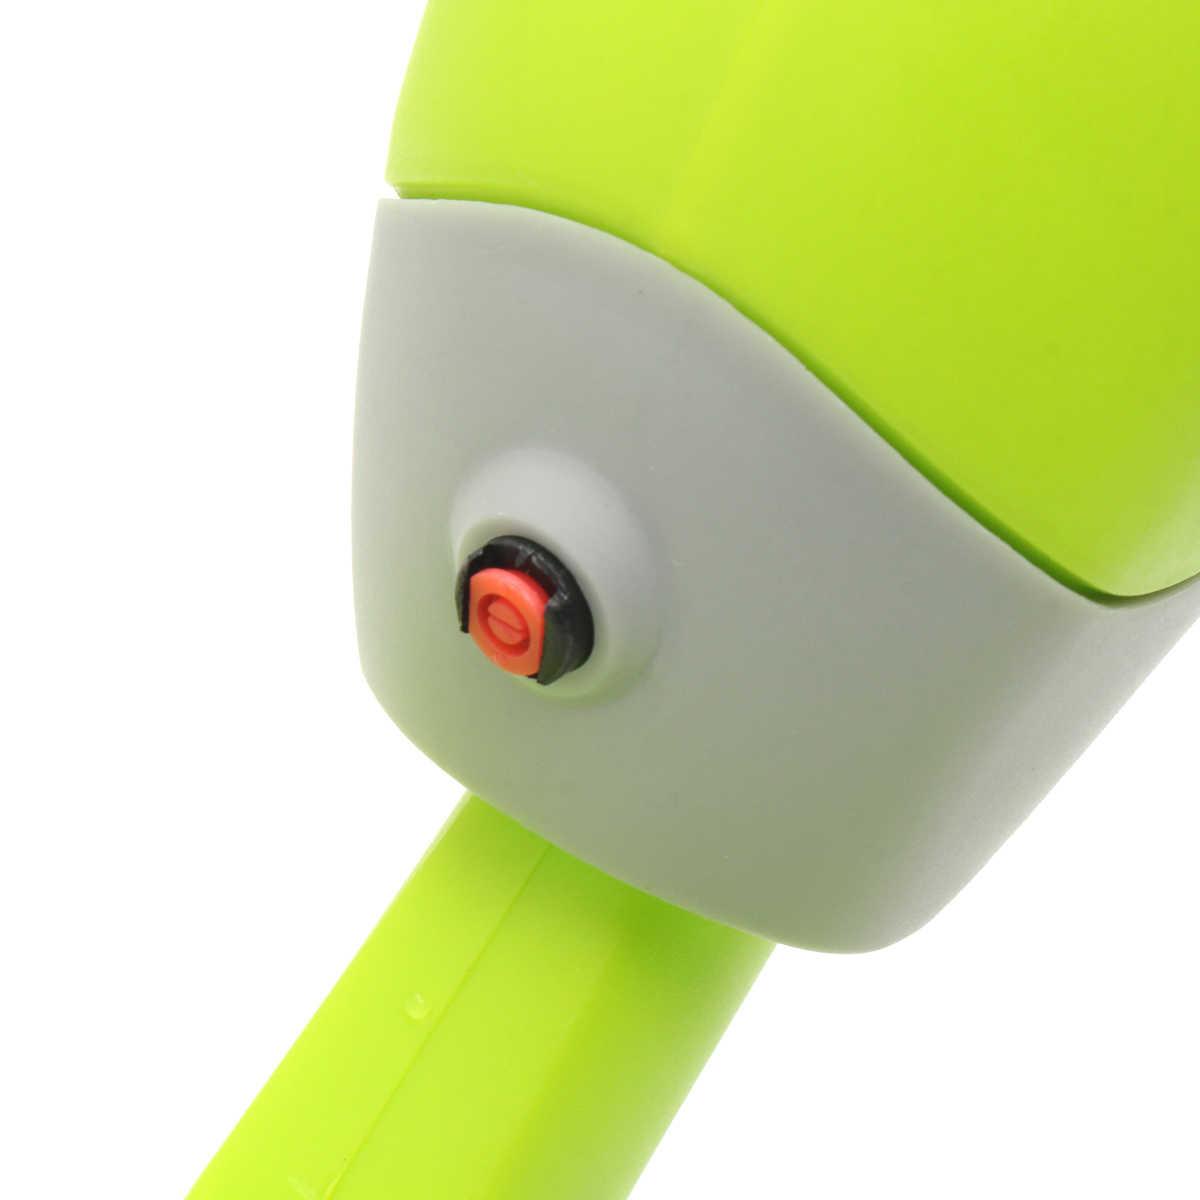 Vassoura varrendo Chão de Água Spray Doméstico Limpador de Chão 360 Rotação Da Cabeça Mop Pó Mop Plano + Spray de 3 Almofadas Mão -propulsão Sweeper